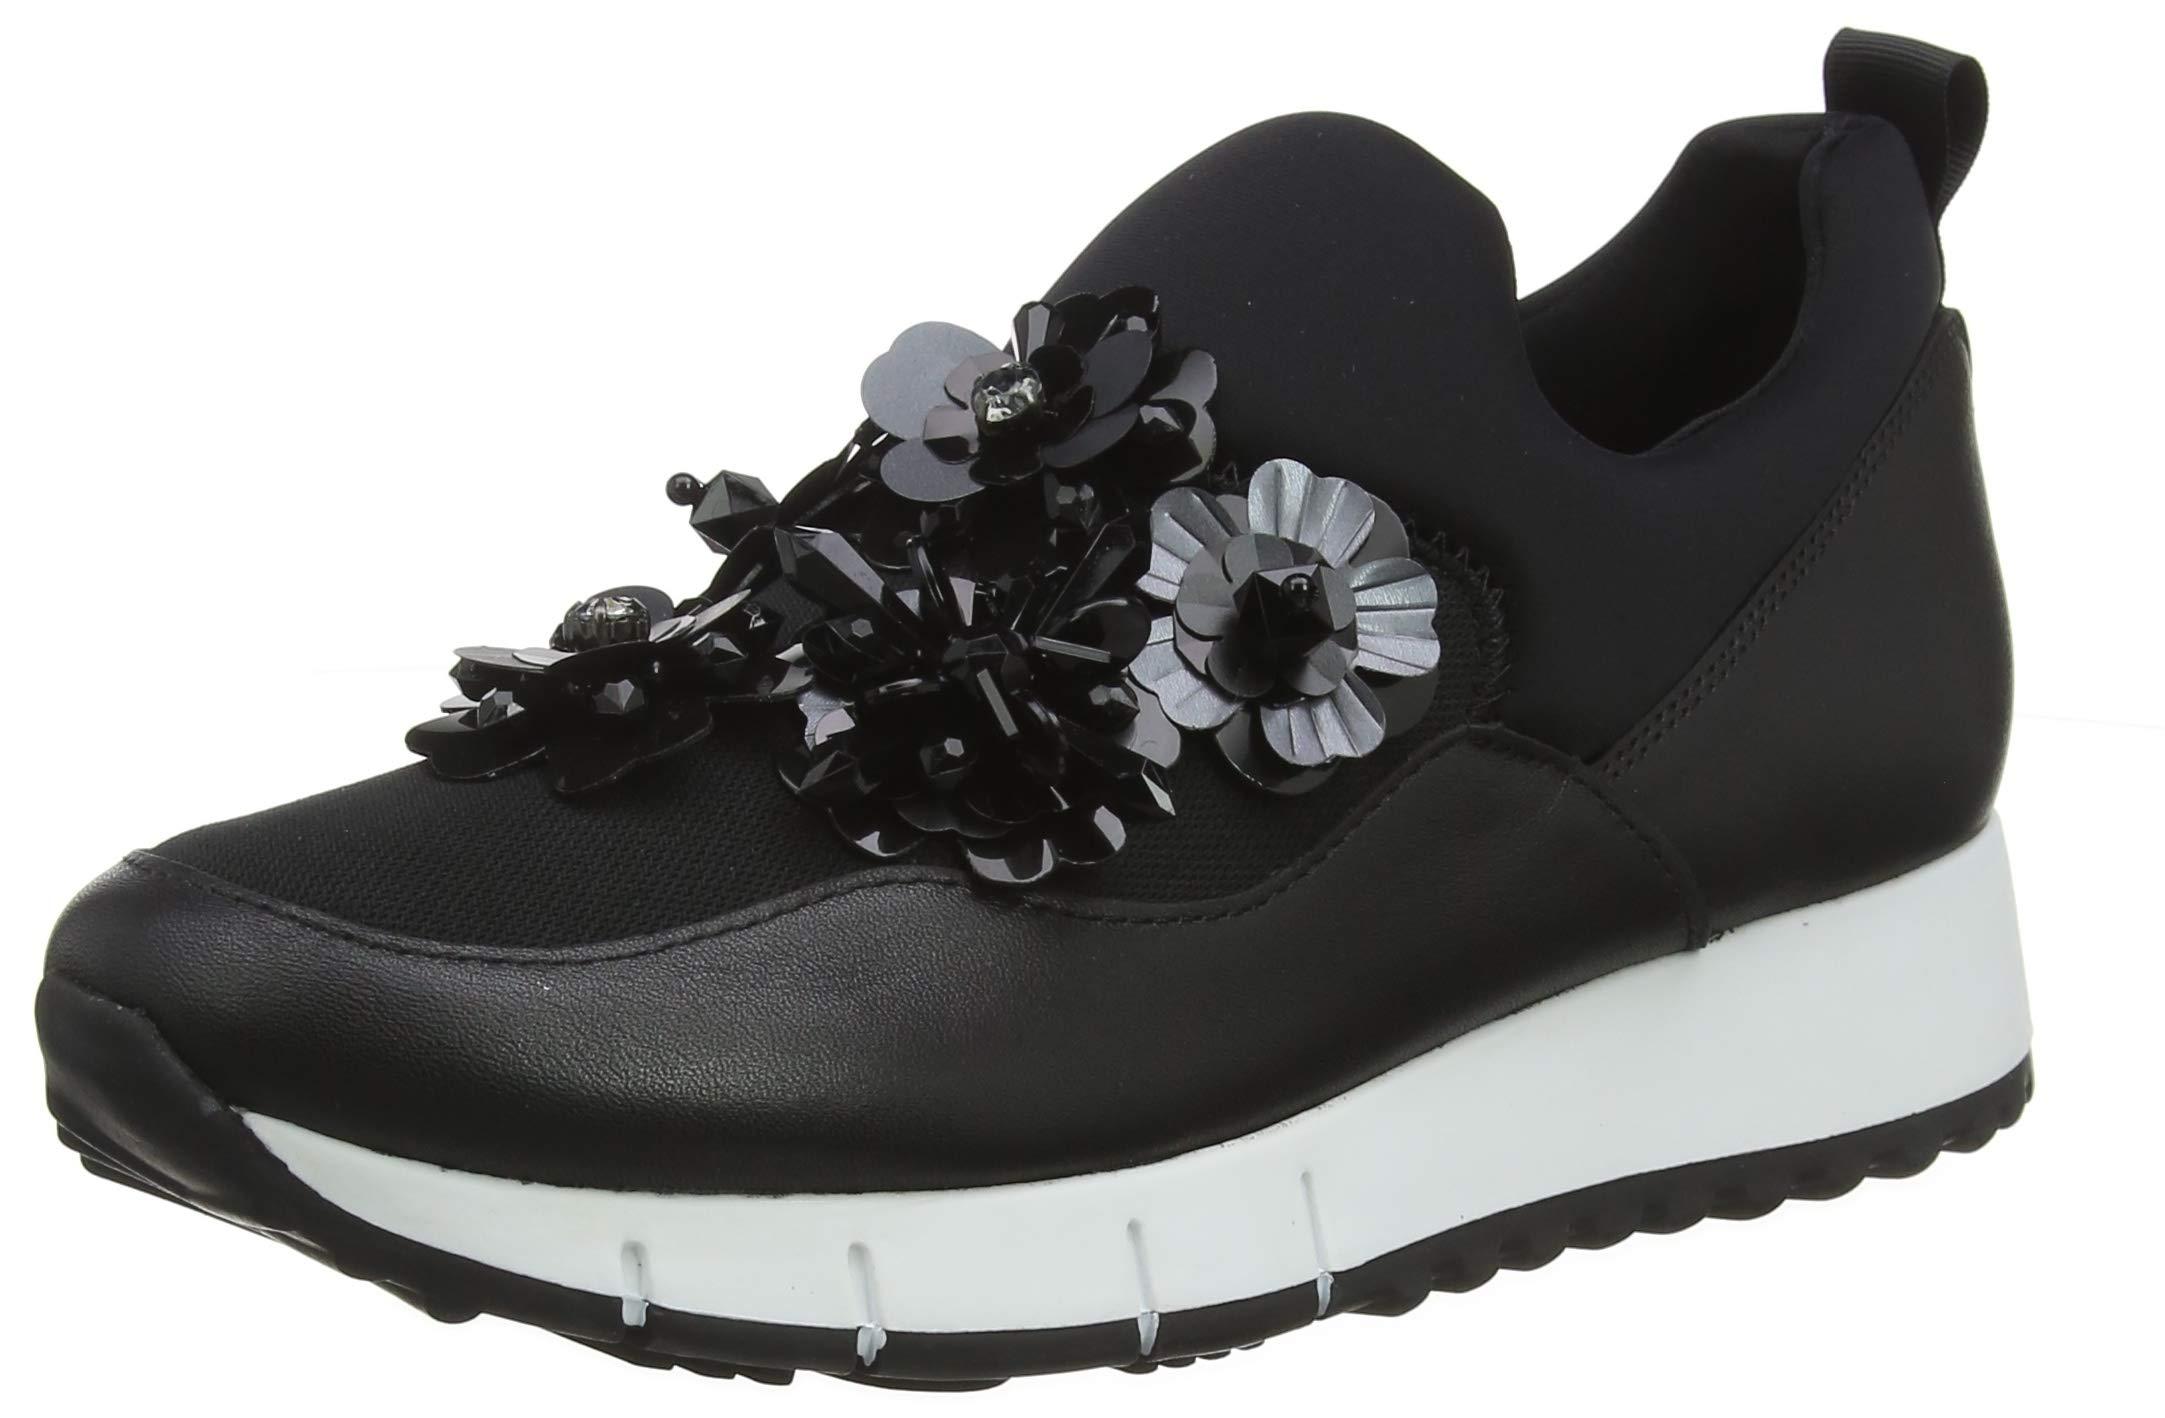 Liu Jo Shoes Women's Gigi 03 - Elastic Sock Black Low-Top Sneakers, 22222 8 UK